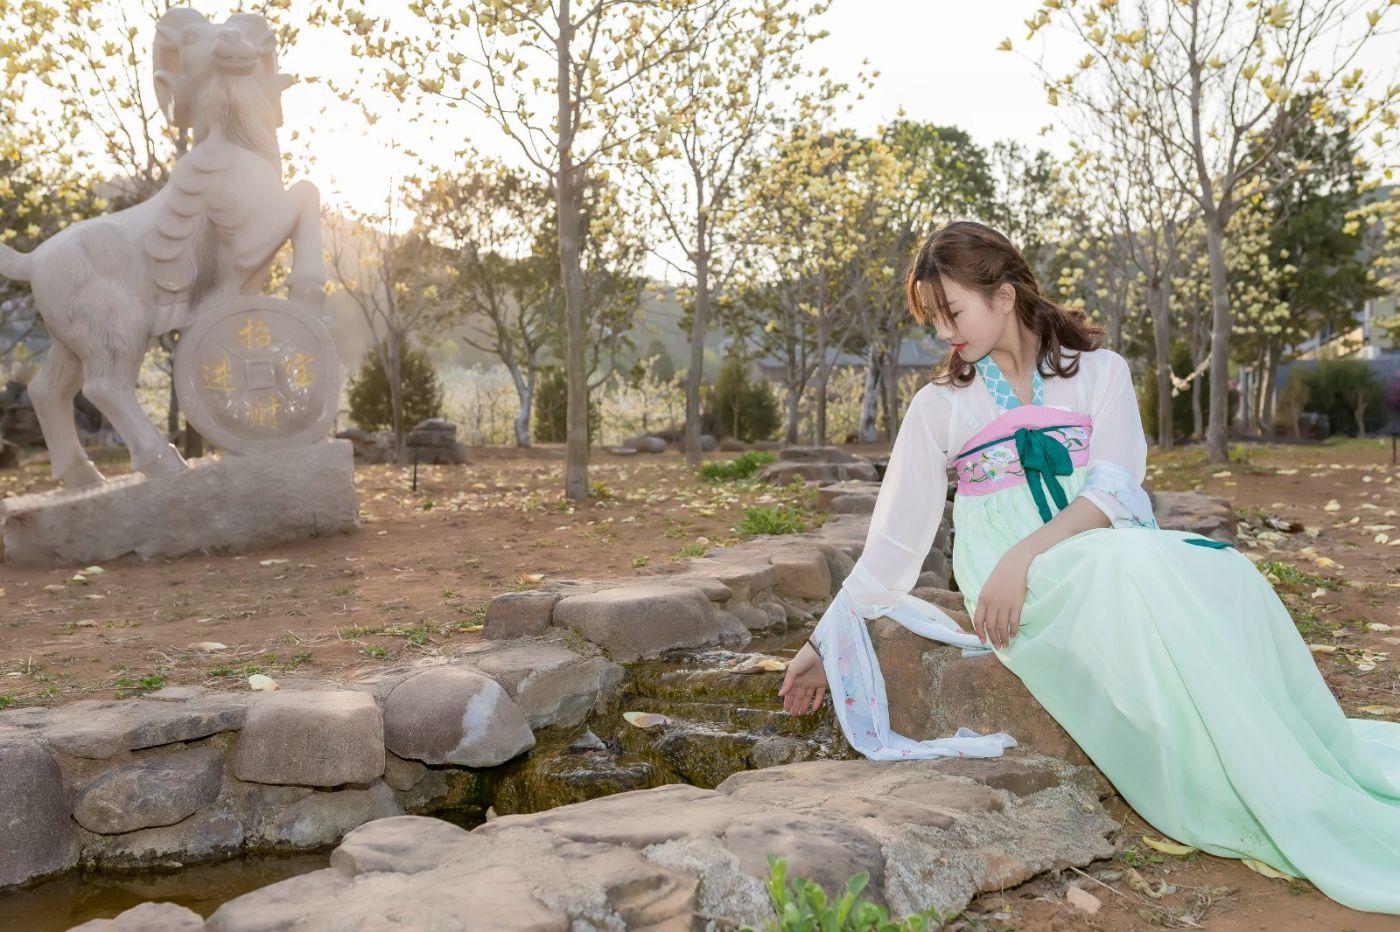 柿子妮又来了女孩越来越漂亮了穿上汉服的她在马泉花海中_图1-21